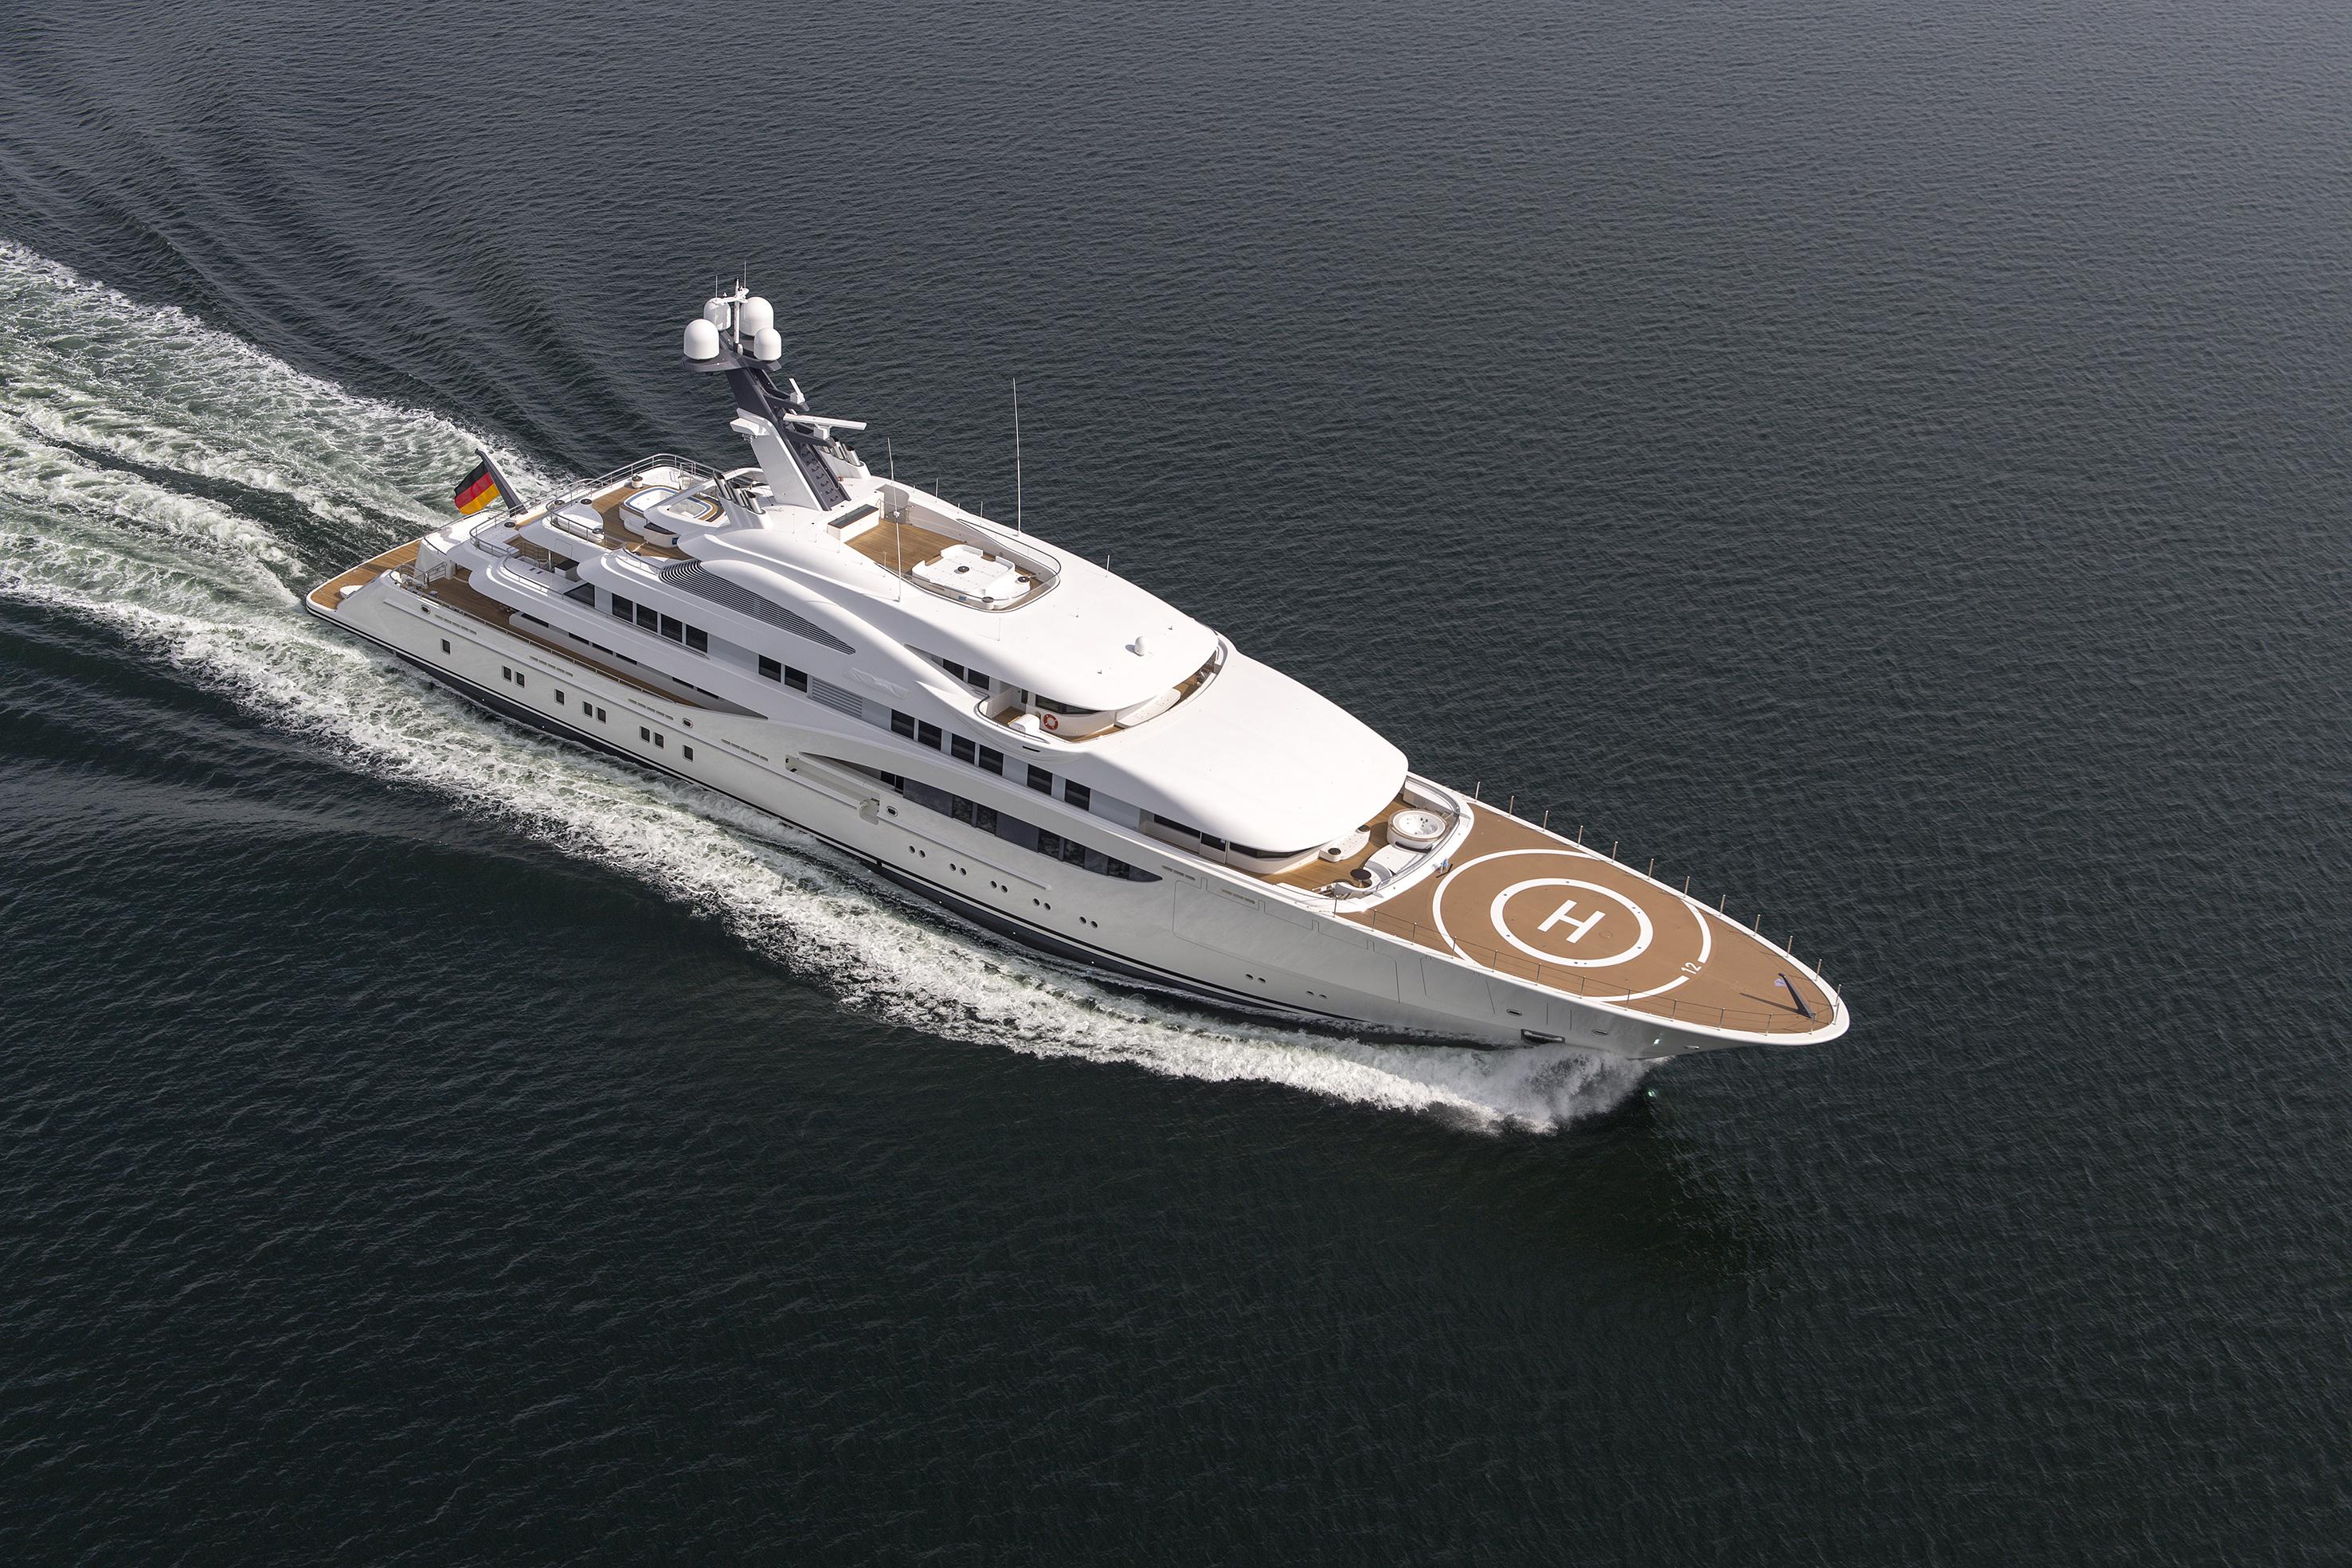 Areti — Yacht Charter & Superyacht News